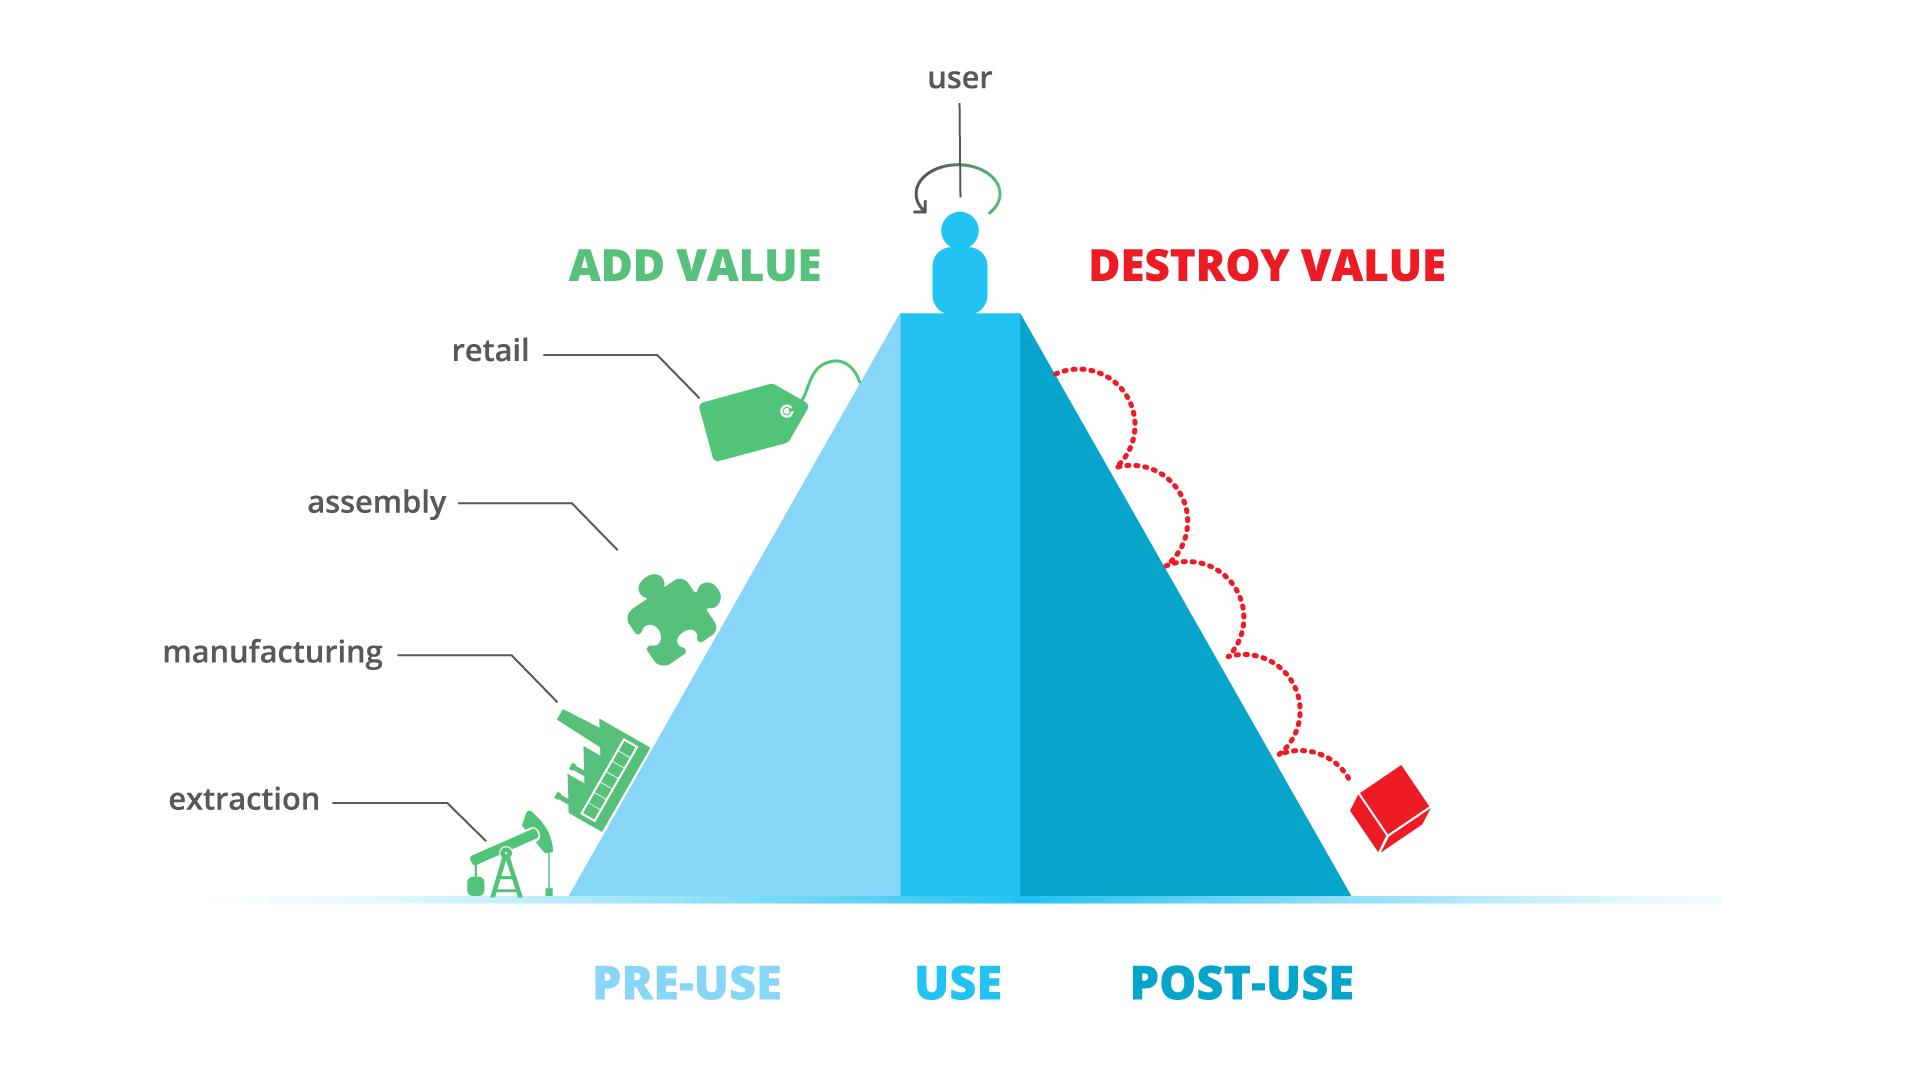 Destroy value